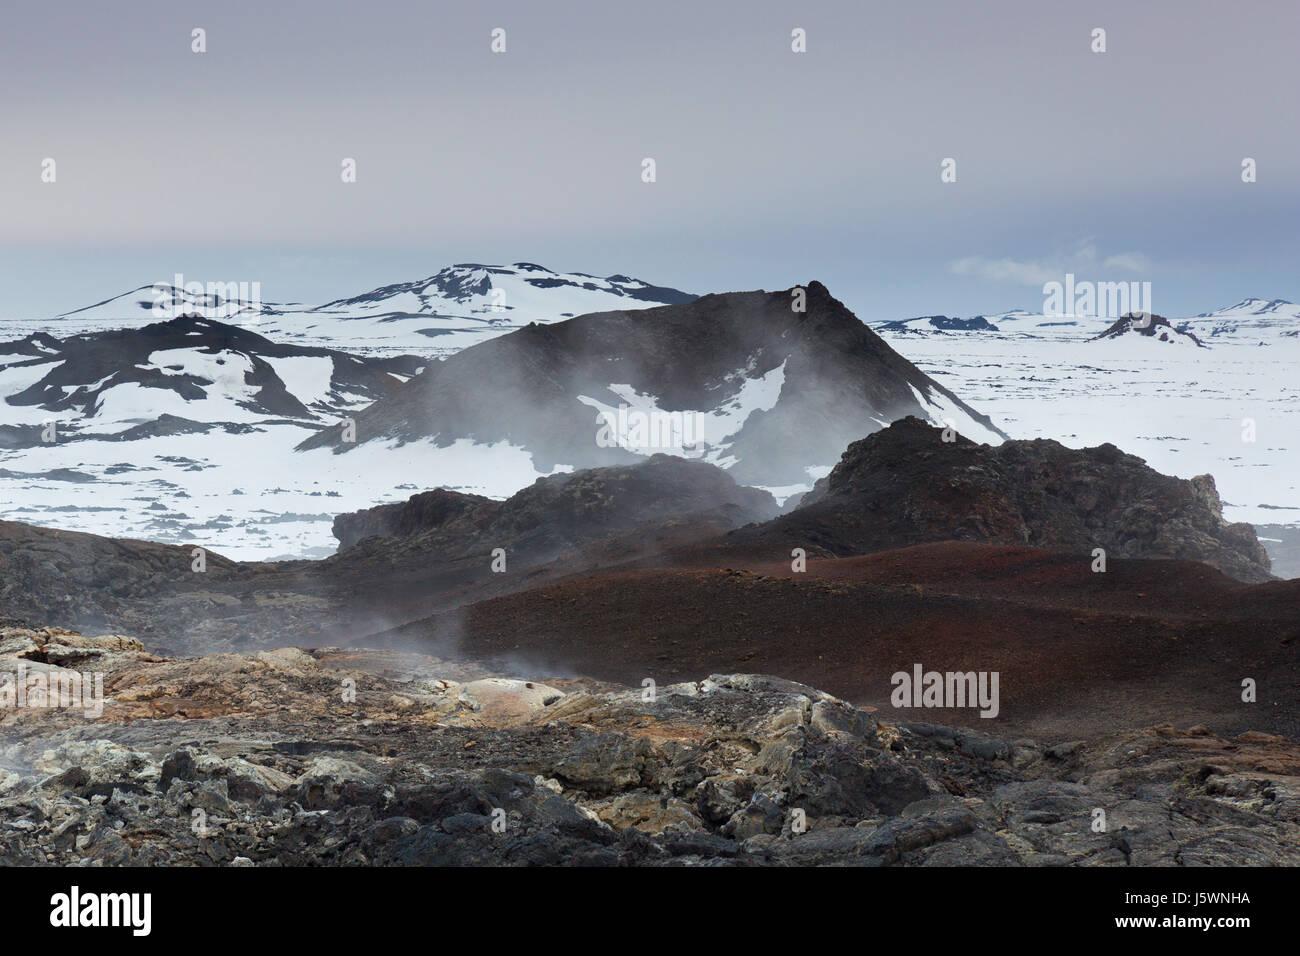 Fumaroles at Leirhnjukur / Leirhnjúkur, lava field in the Krafla caldera in winter, Norðurland eystra - Stock Image